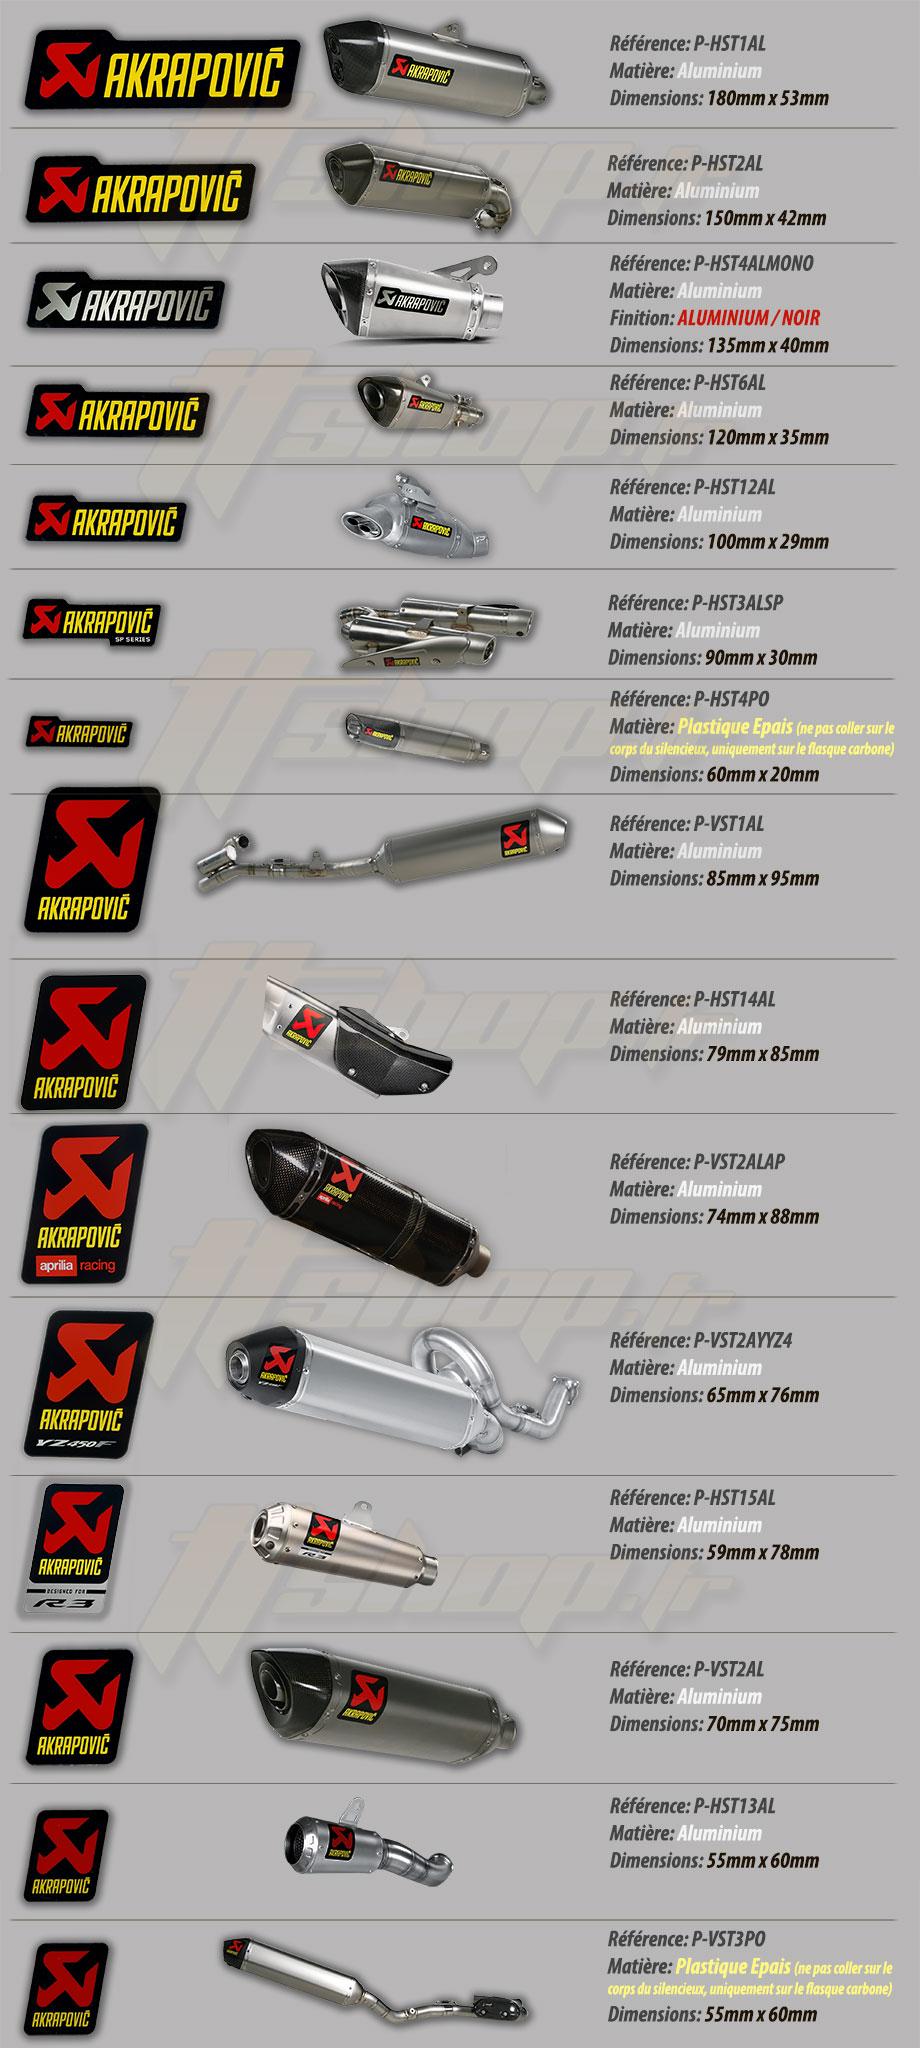 Liste et visuels détaillés des stickers Akrapovic résistants à la chaleur vendus chez TTshop.fr